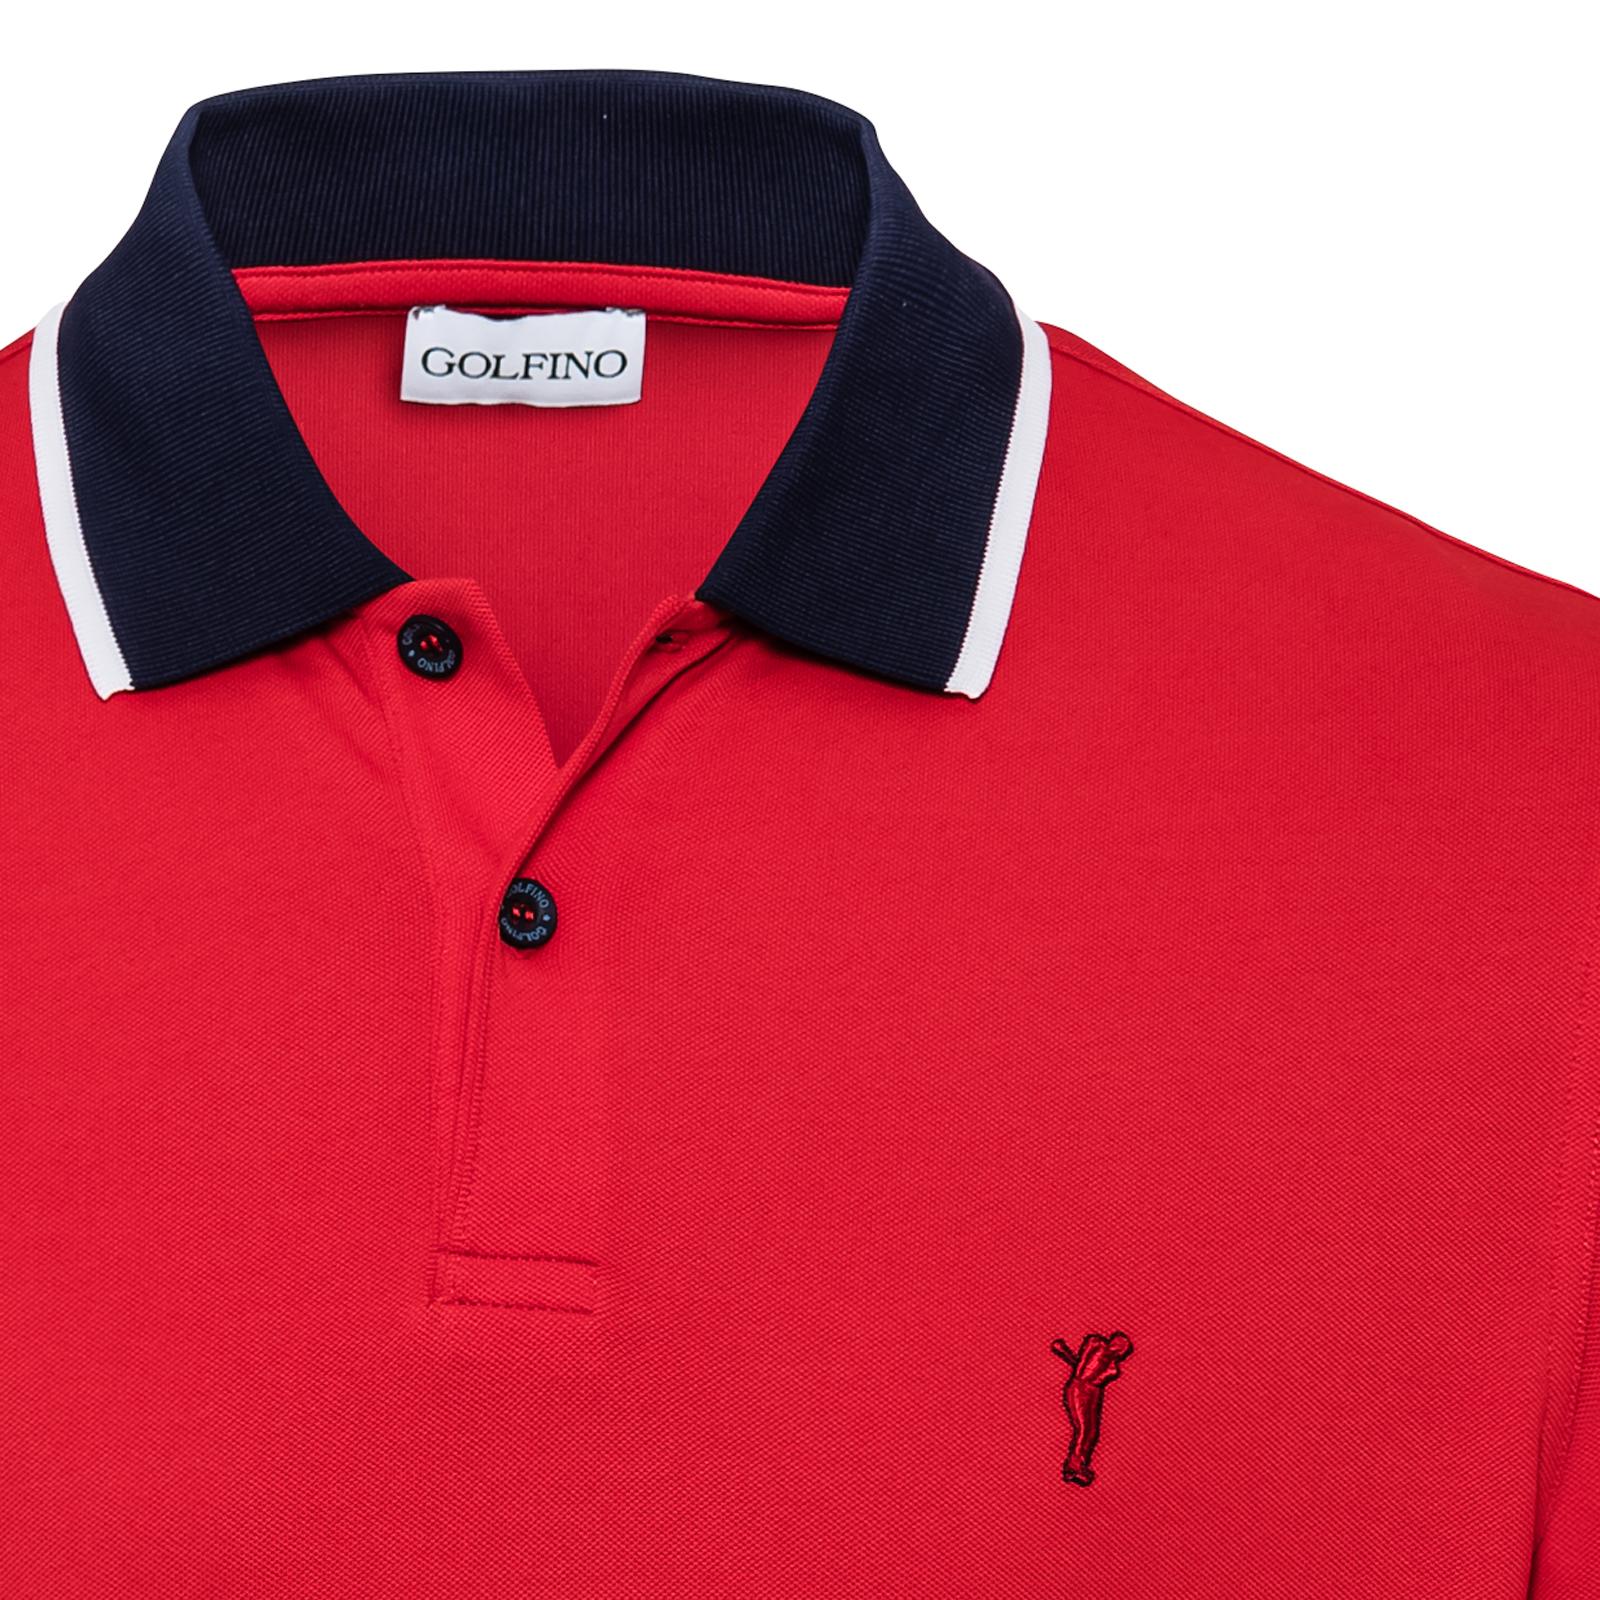 Luftiges Herren Golf-Polo mit Sonnenschutz-Faktor